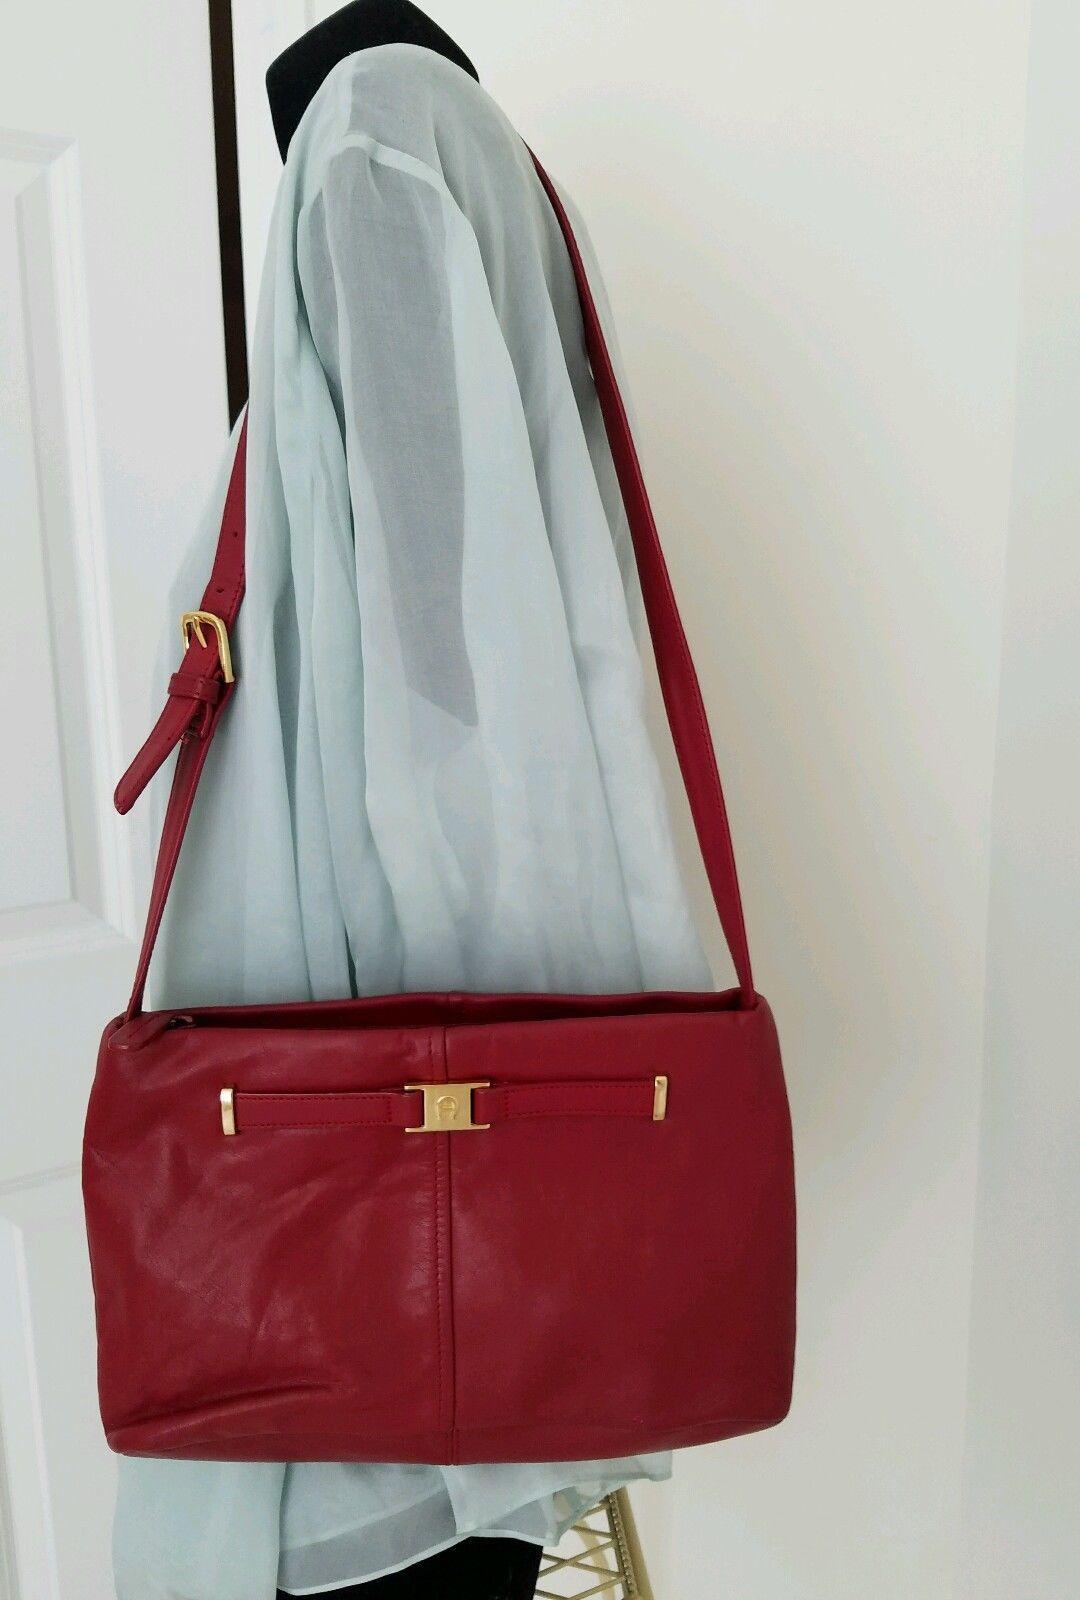 Etienne Aigner Purse Leather Crossbody vintage Designer Purse Maroon Pocketbook Etienne Aigner Oxblood Shoulder bag Burgundy Leather